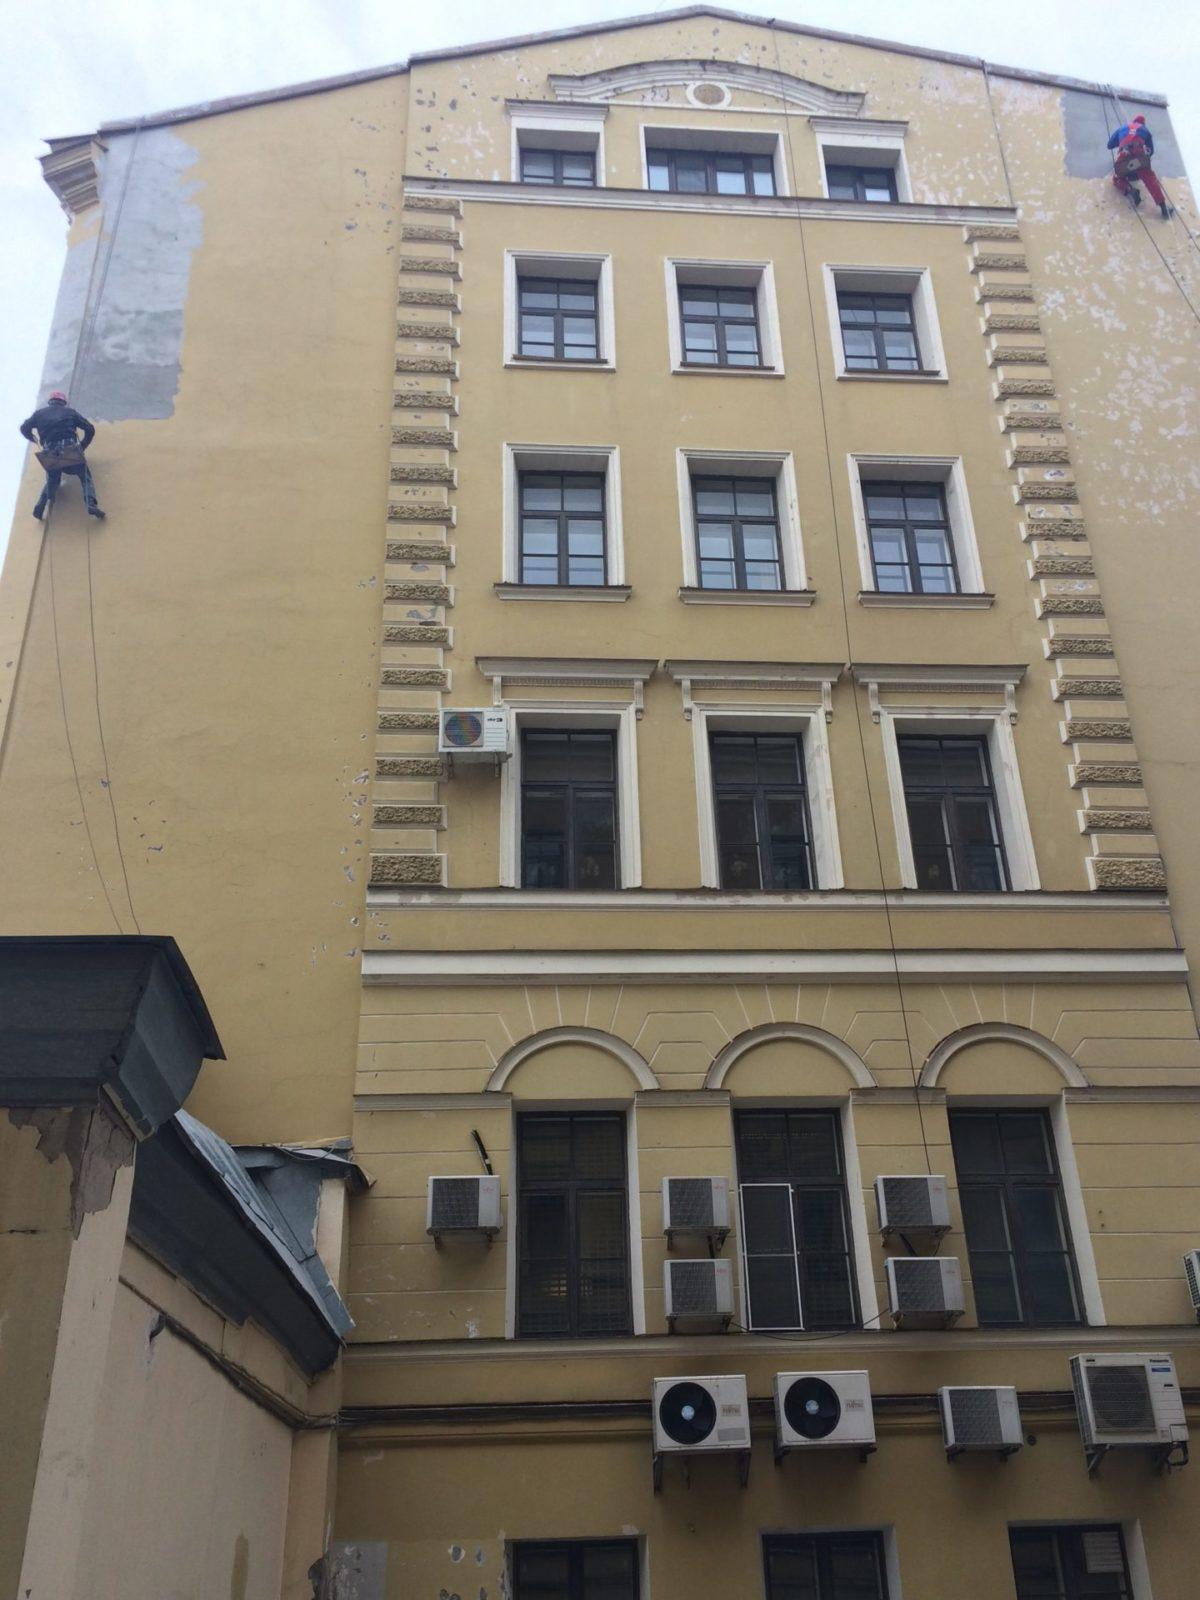 Фасадные работы здания Консульство Нидерландов, Набережная реки Мойки д.11